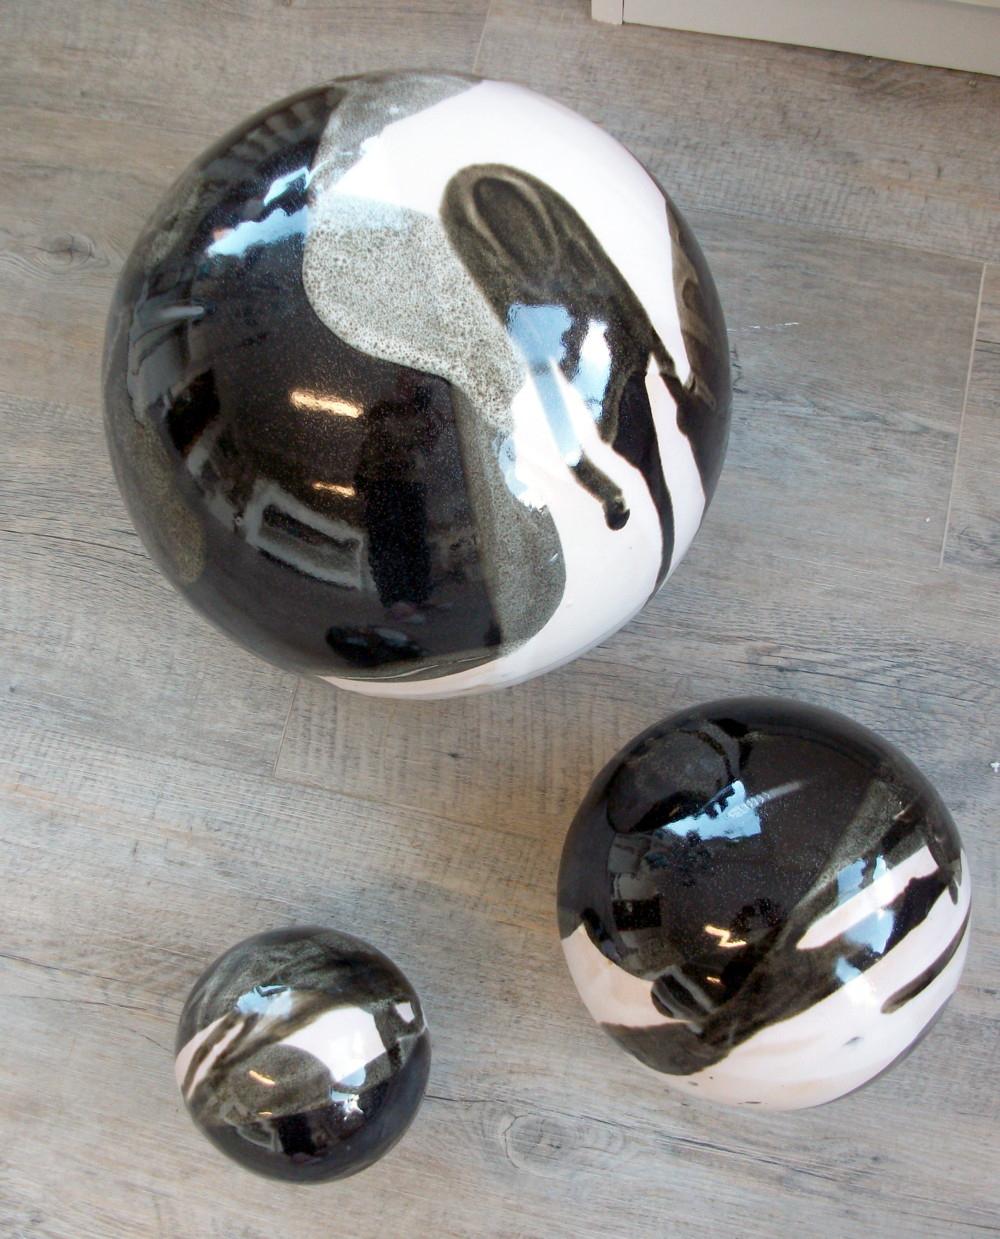 Boules En Grès Pour La Décoration Extérieure, Poteries De Jardin dedans Boule Céramique Jardin